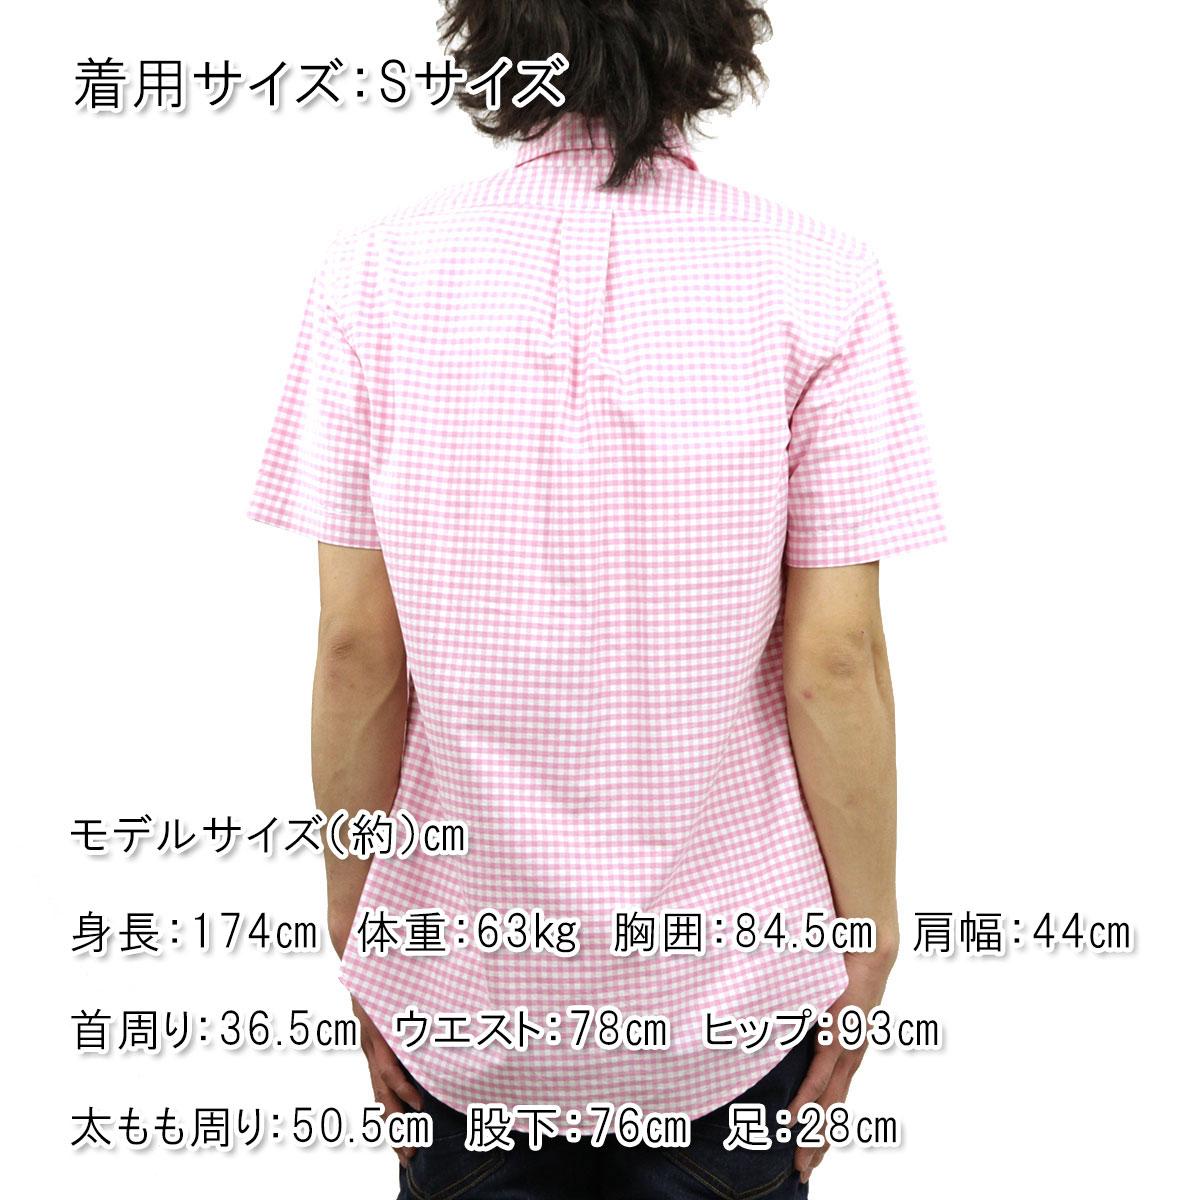 d887a913 Polo Ralph Lauren shirt men's regular article POLO RALPH LAUREN short  sleeves shirt button-down shirt Custom-Fit Short-Sleev